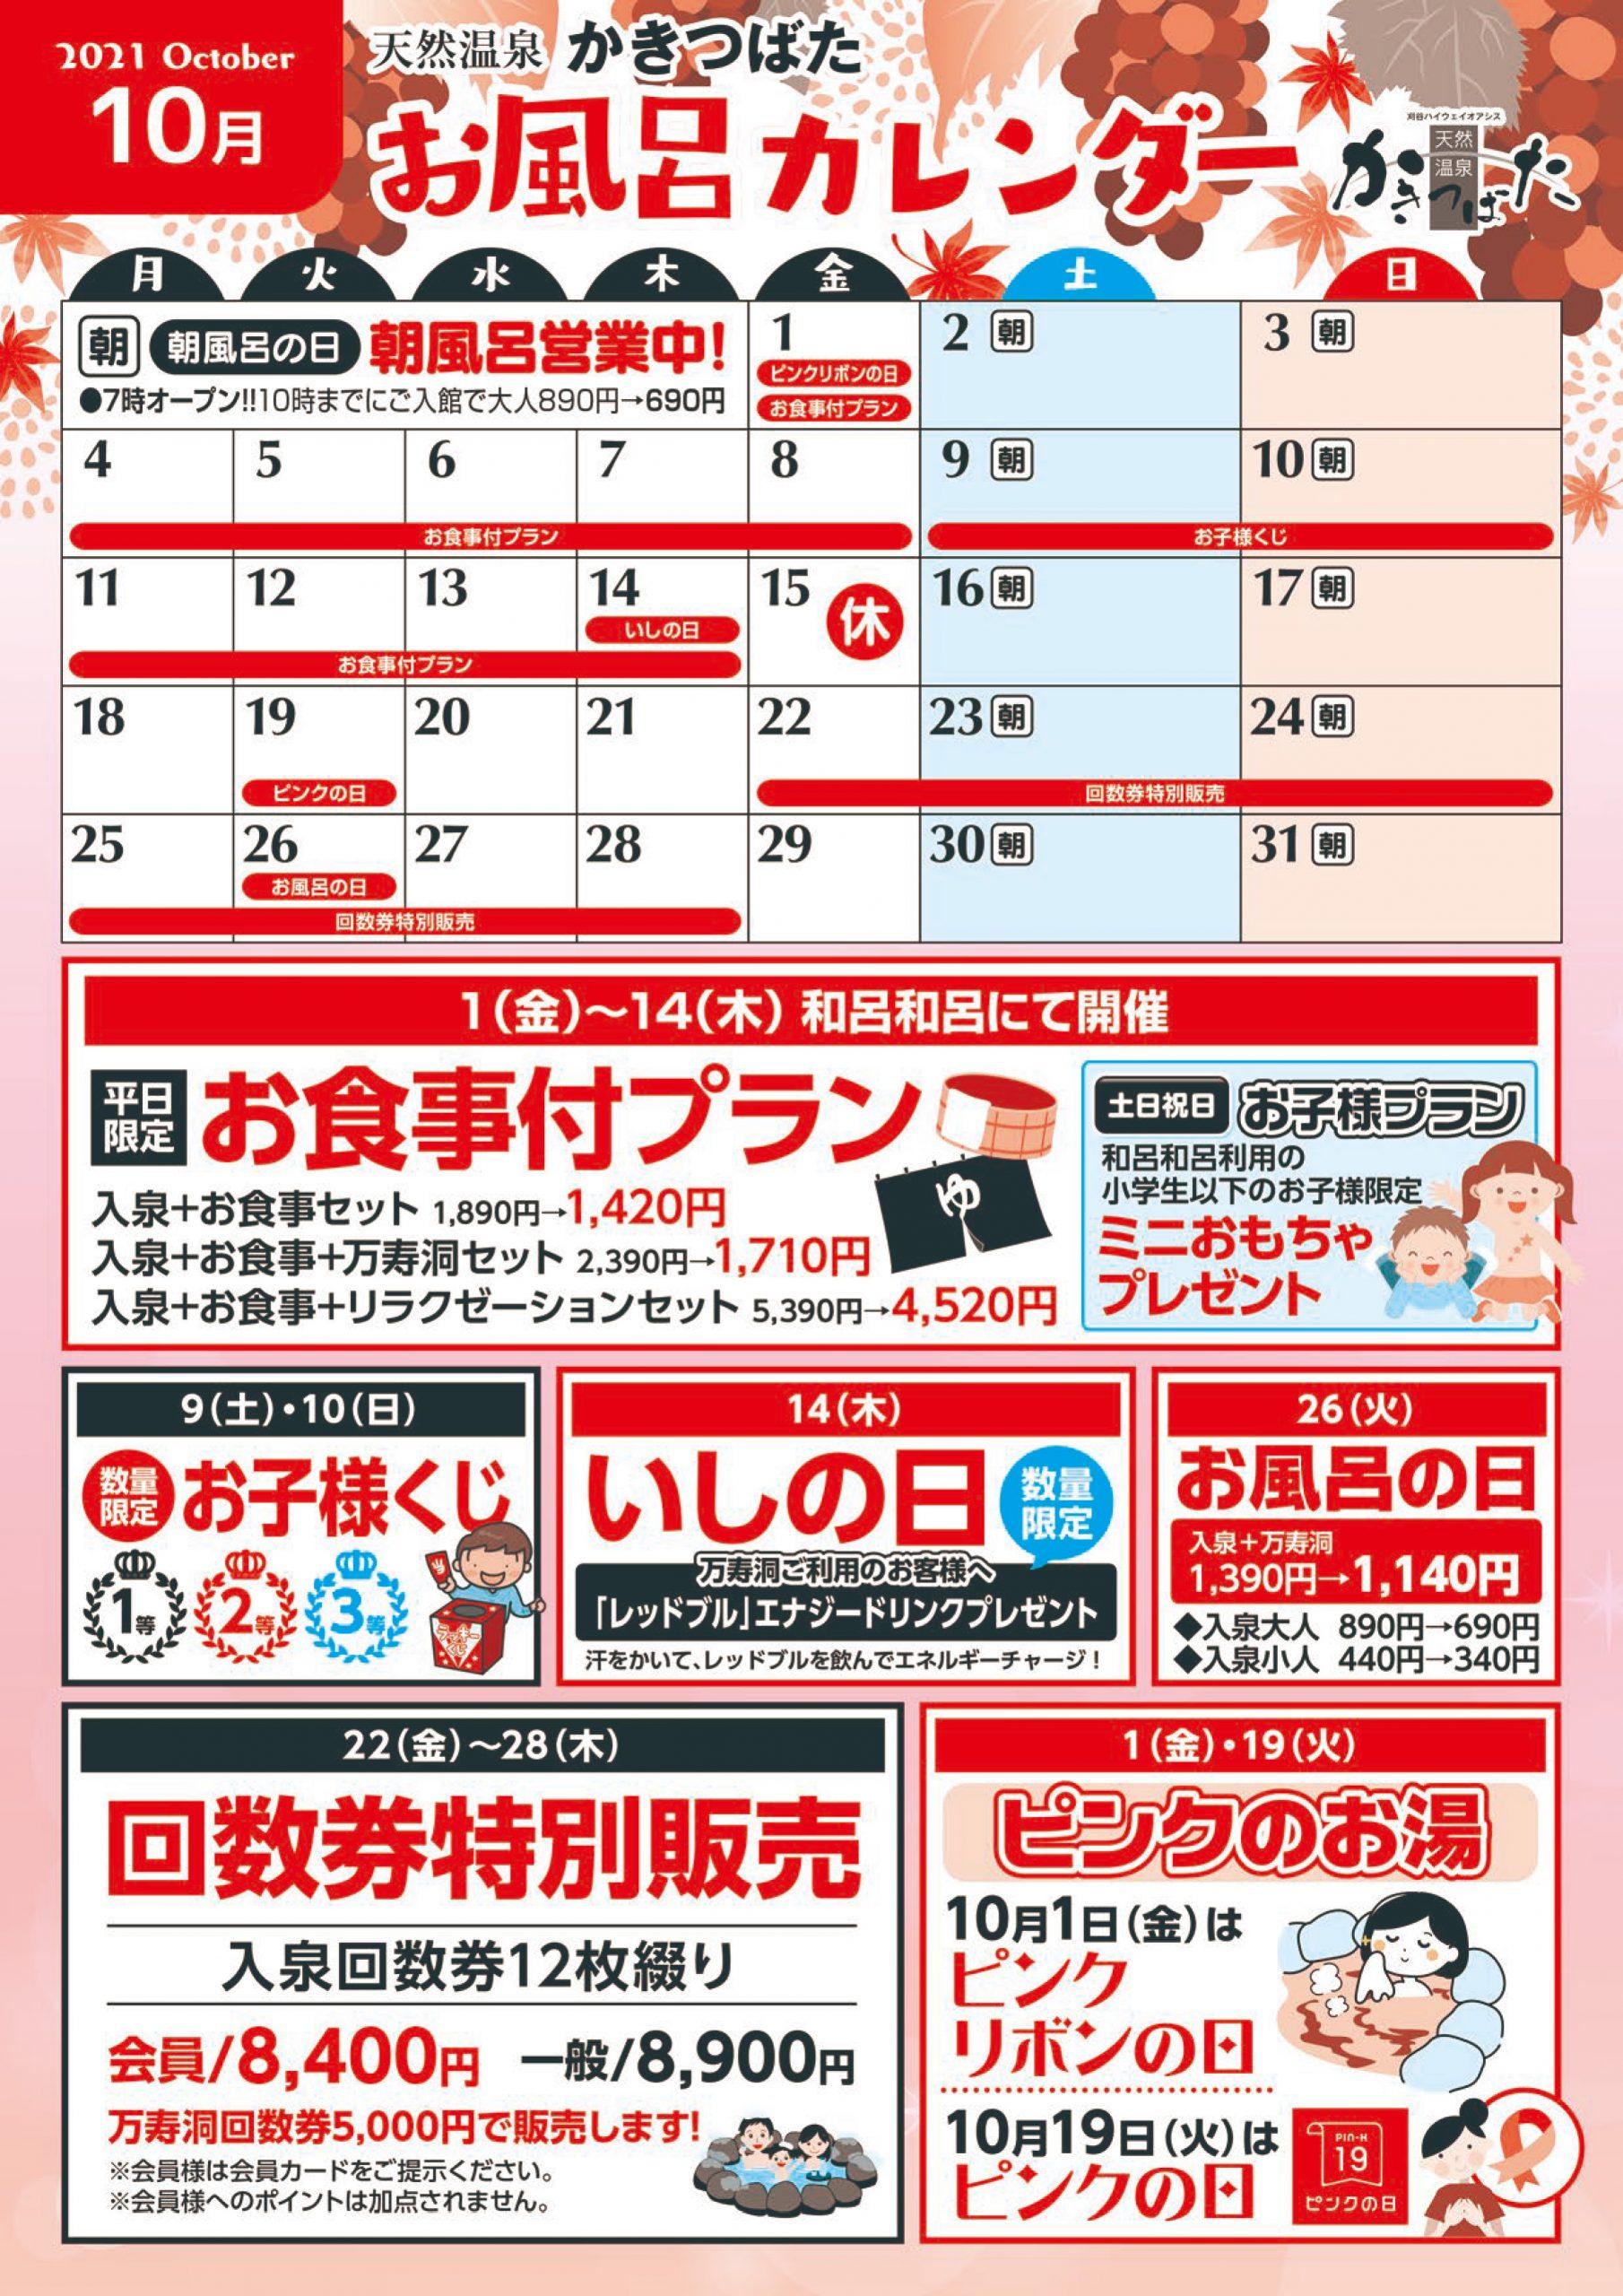 2021年10月イベントカレンダー